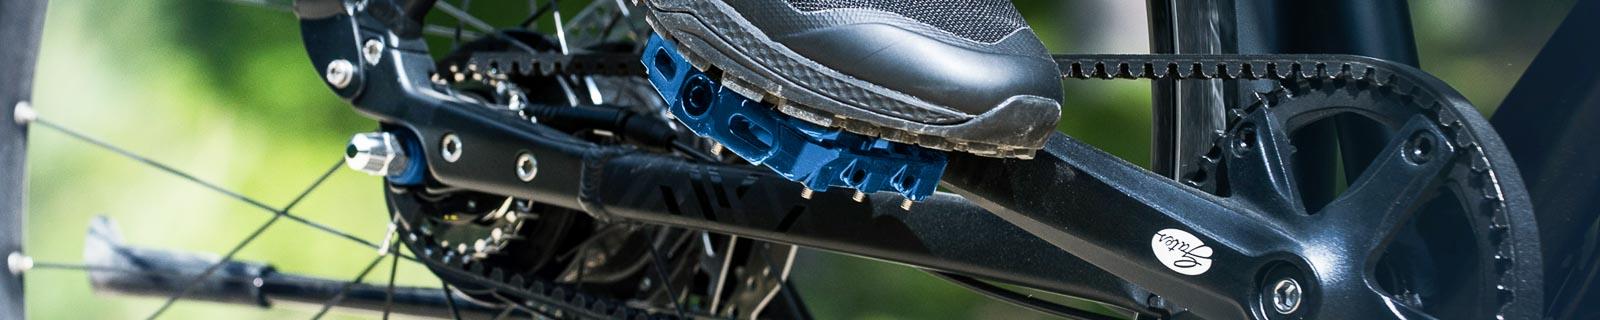 Pedale, die Verbindung zwischen Mensch und Bike